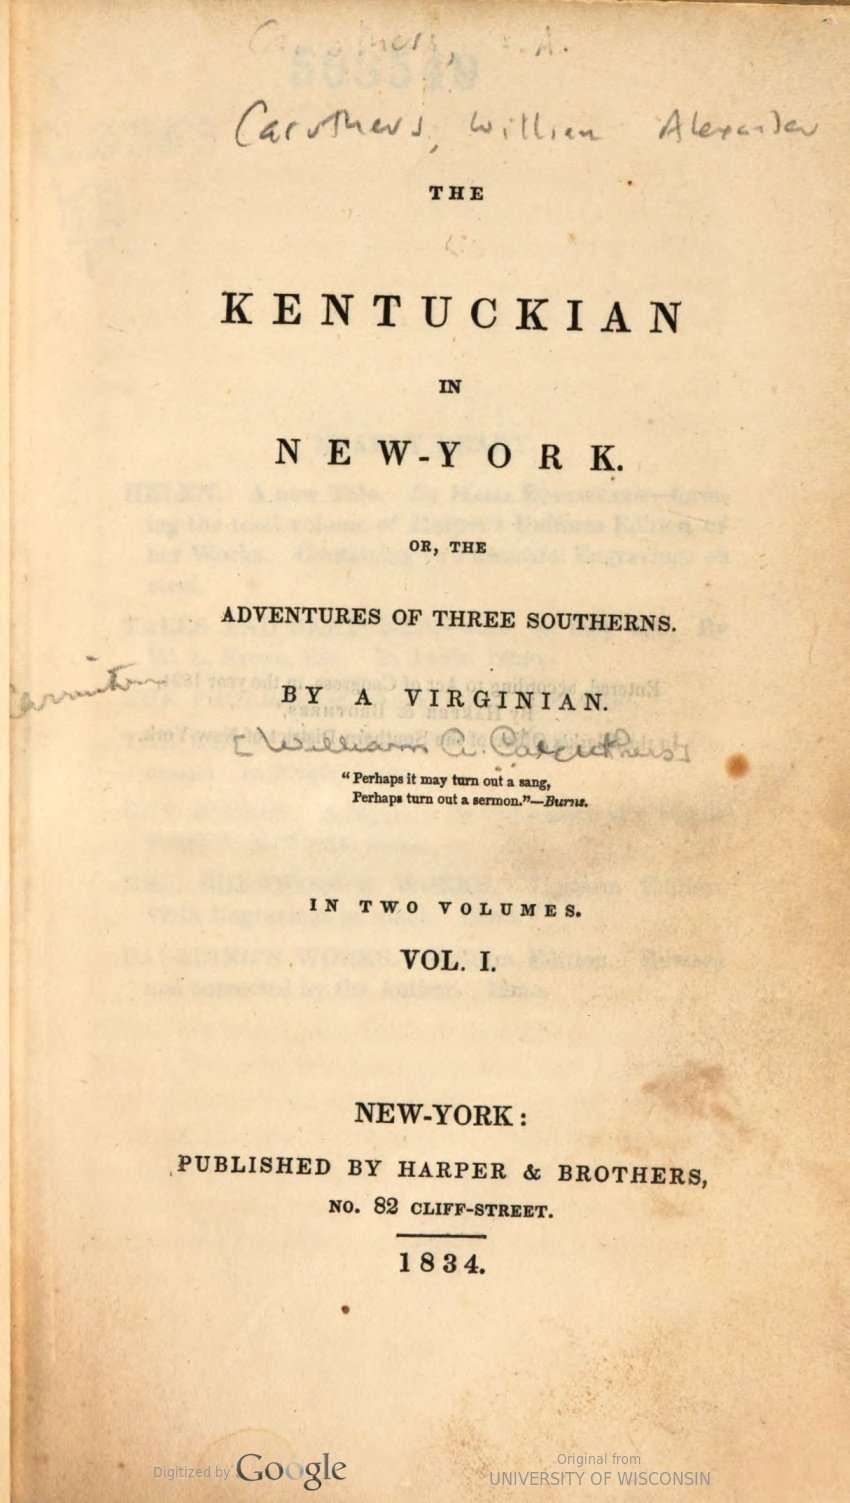 The Kentuckian in New-York.